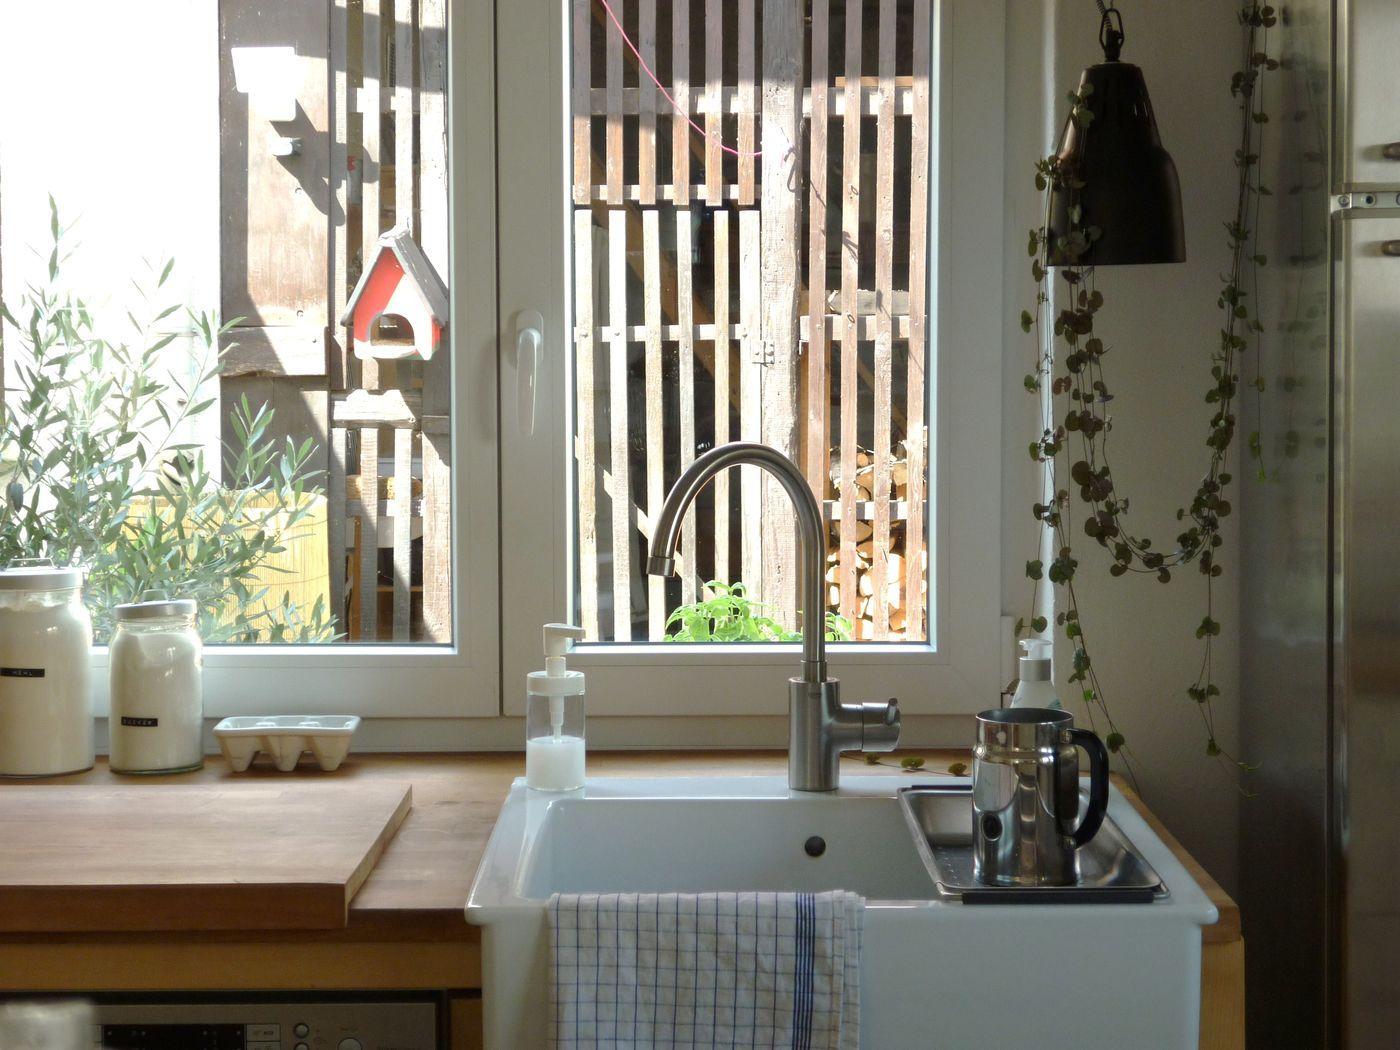 Full Size of Schne Ideen Fr Das Ikea Vrde System Kche Modulküche Holz Miniküche Küche Kosten Sofa Mit Schlaffunktion Betten Bei 160x200 Kaufen Wohnzimmer Modulküche Ikea Värde